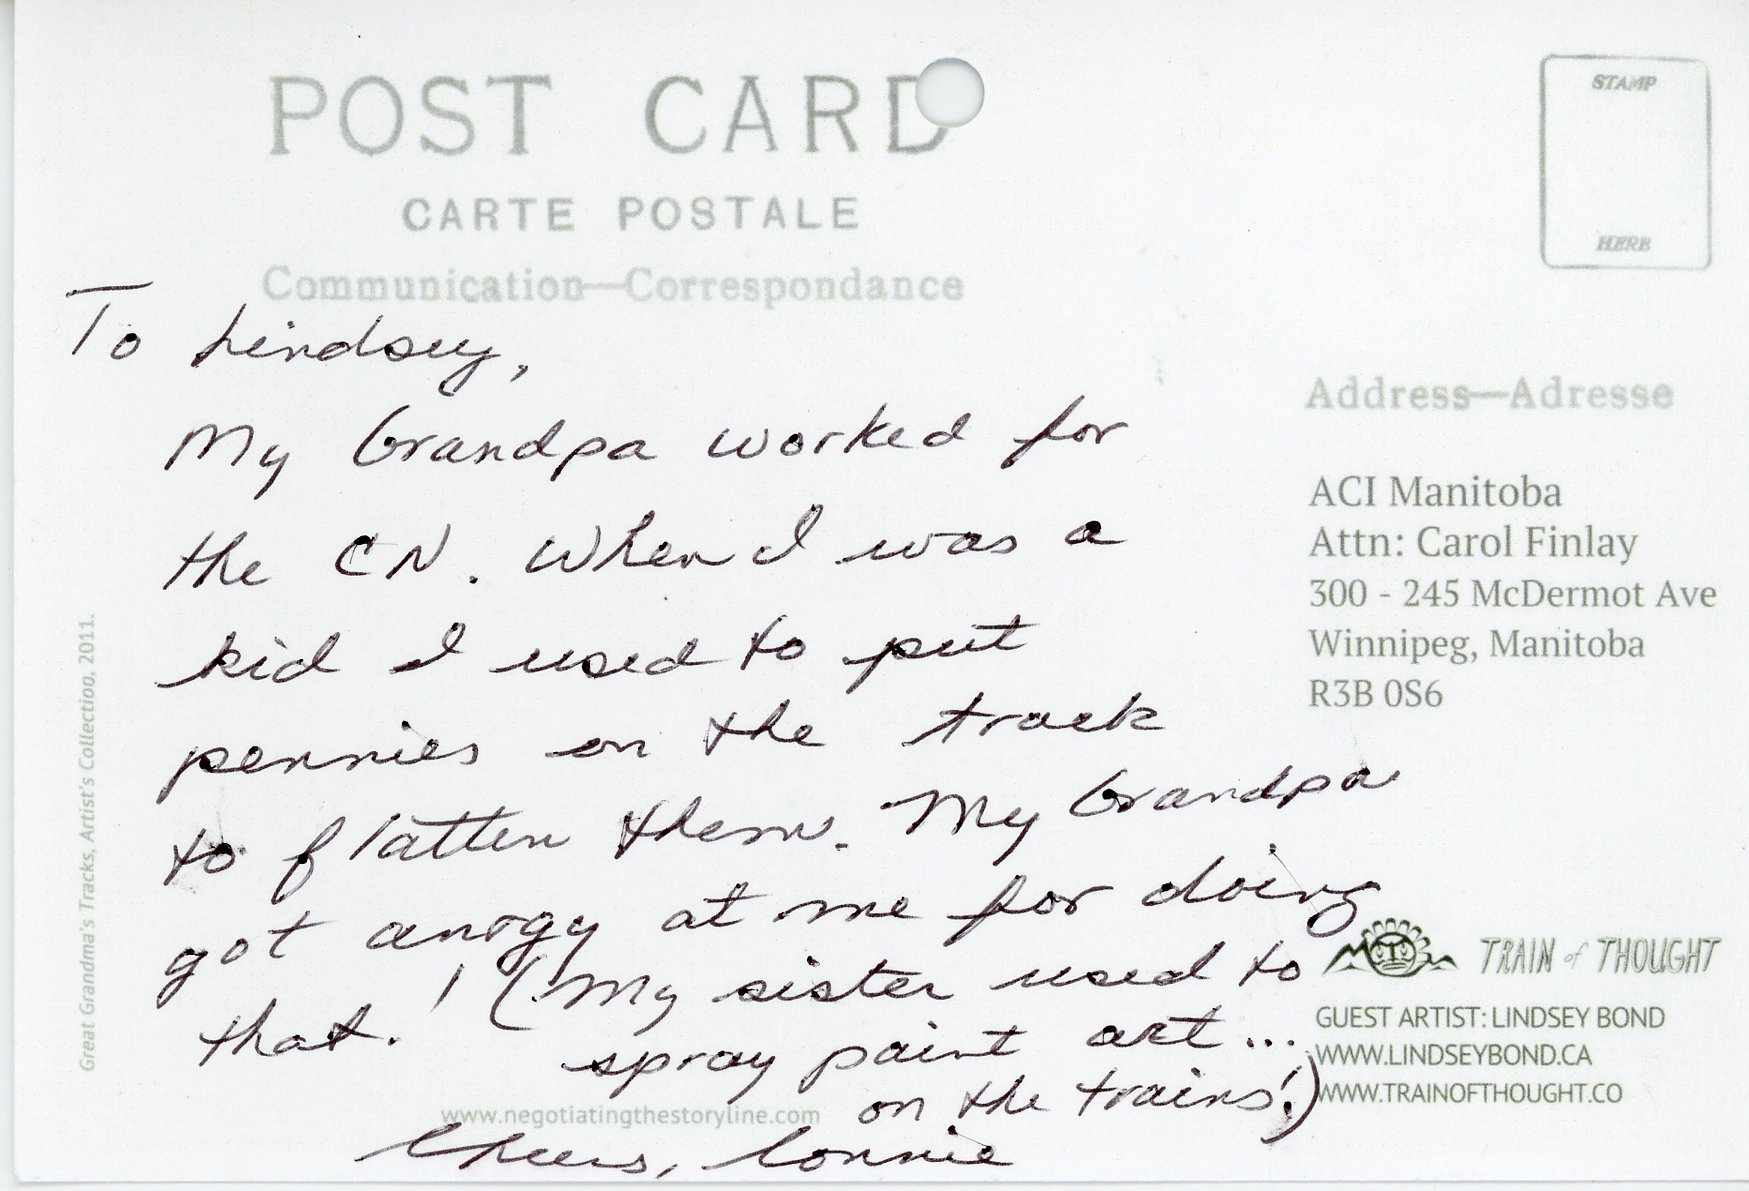 TOT_postcard022.jpg